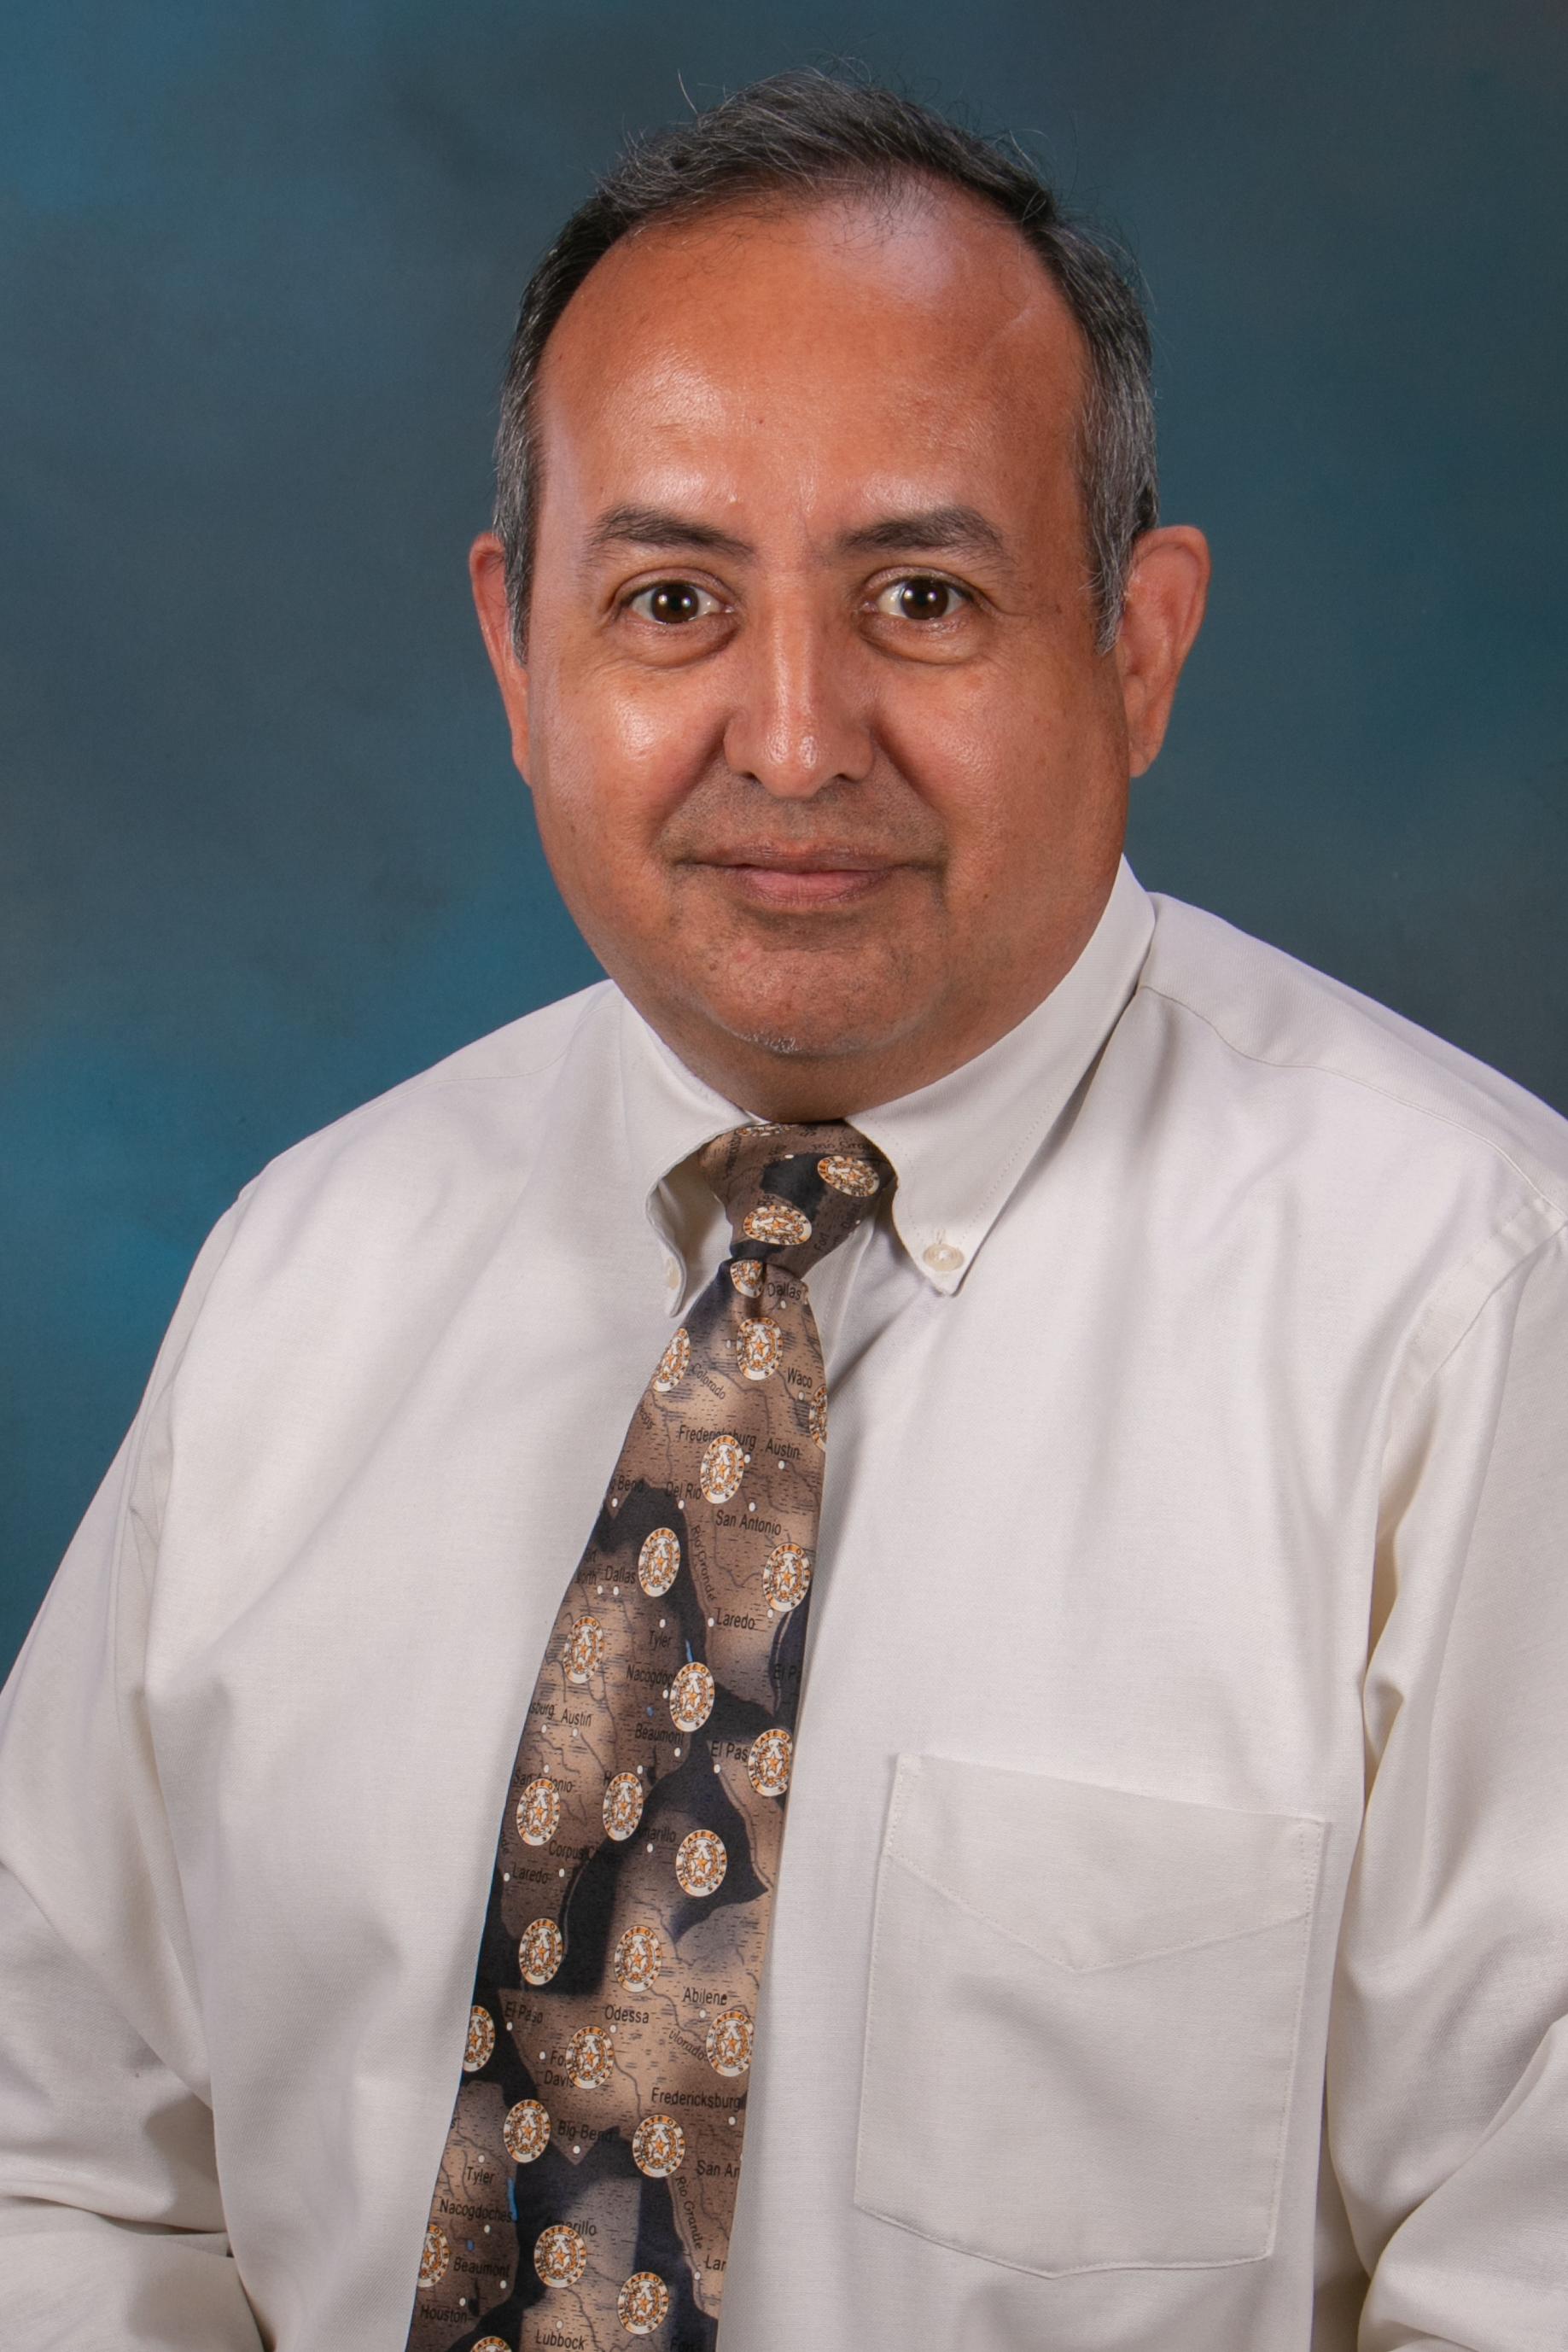 Albert Quintanilla